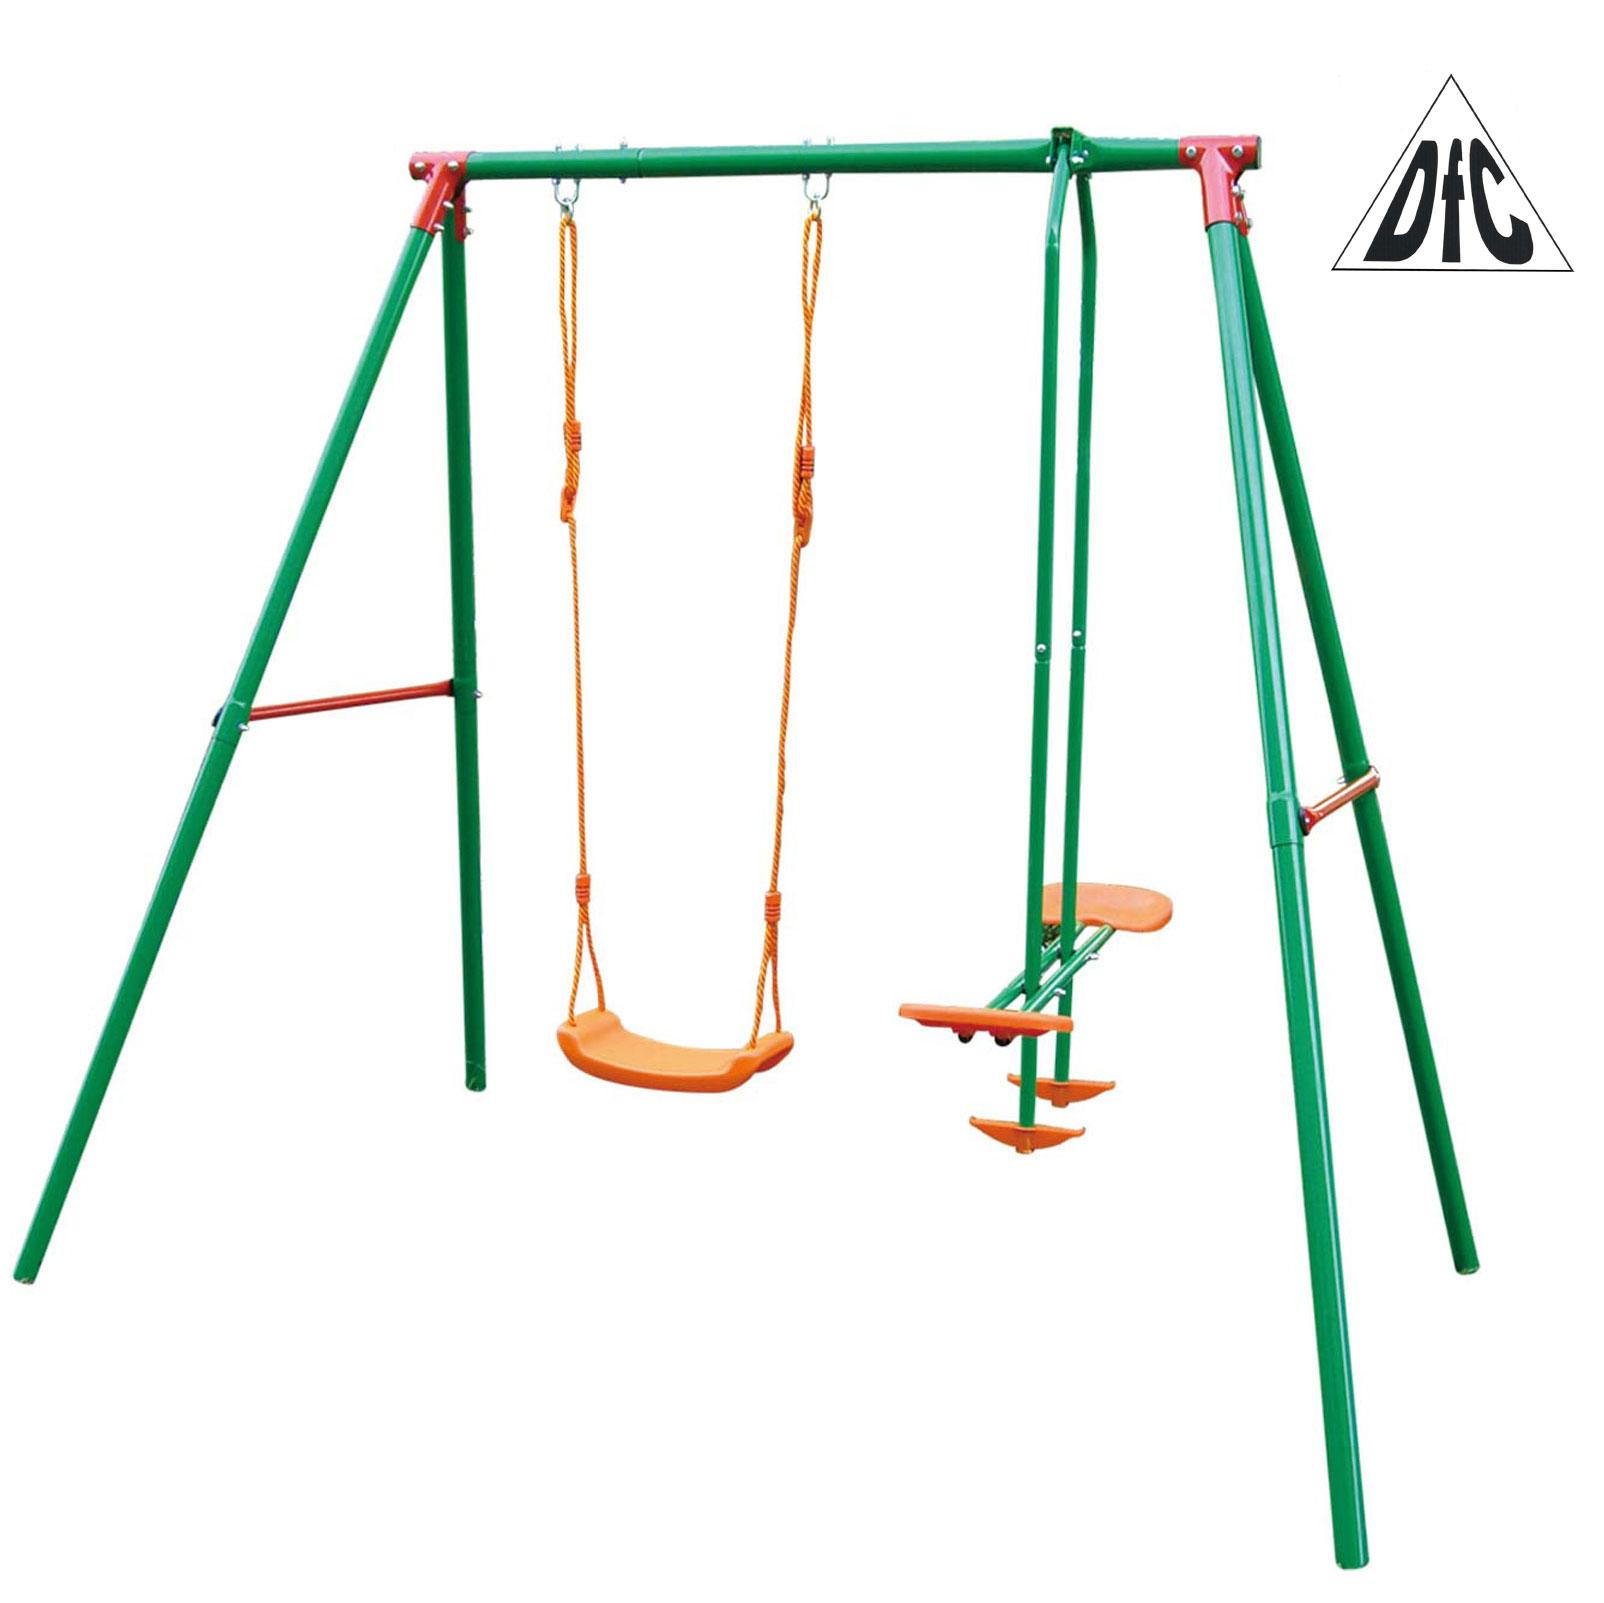 Качели детские подвесные DFC SGN-02 Металл Зеленый